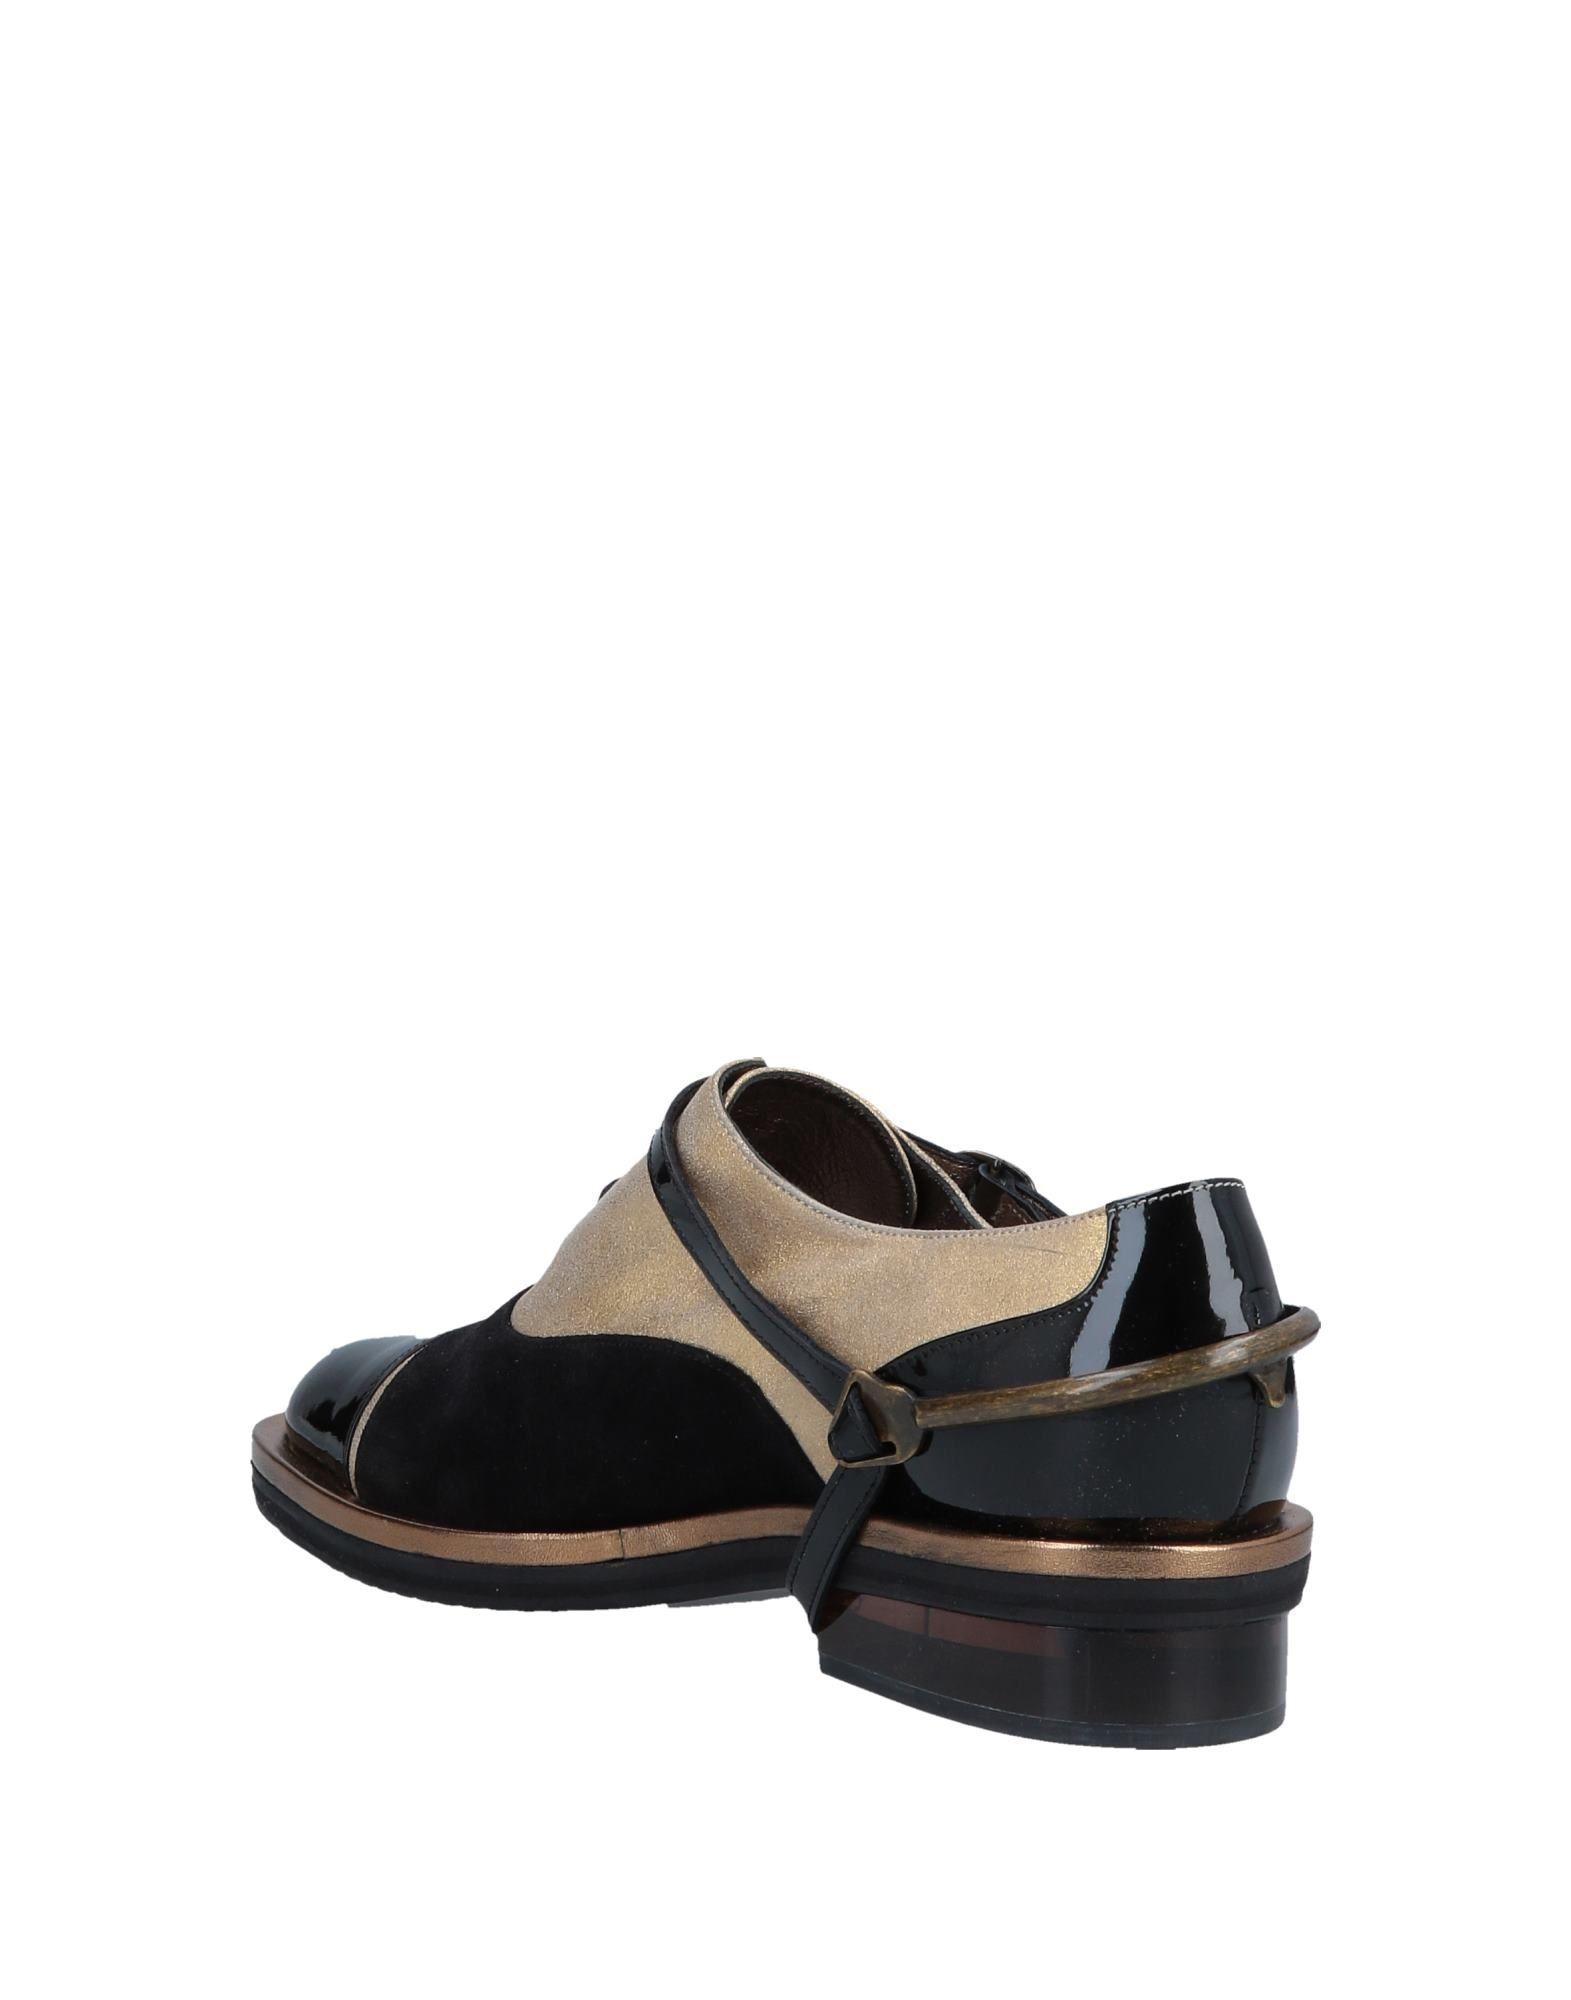 6e3c19bd662 Stephen Venezia Lace-up Shoe in Black - Lyst